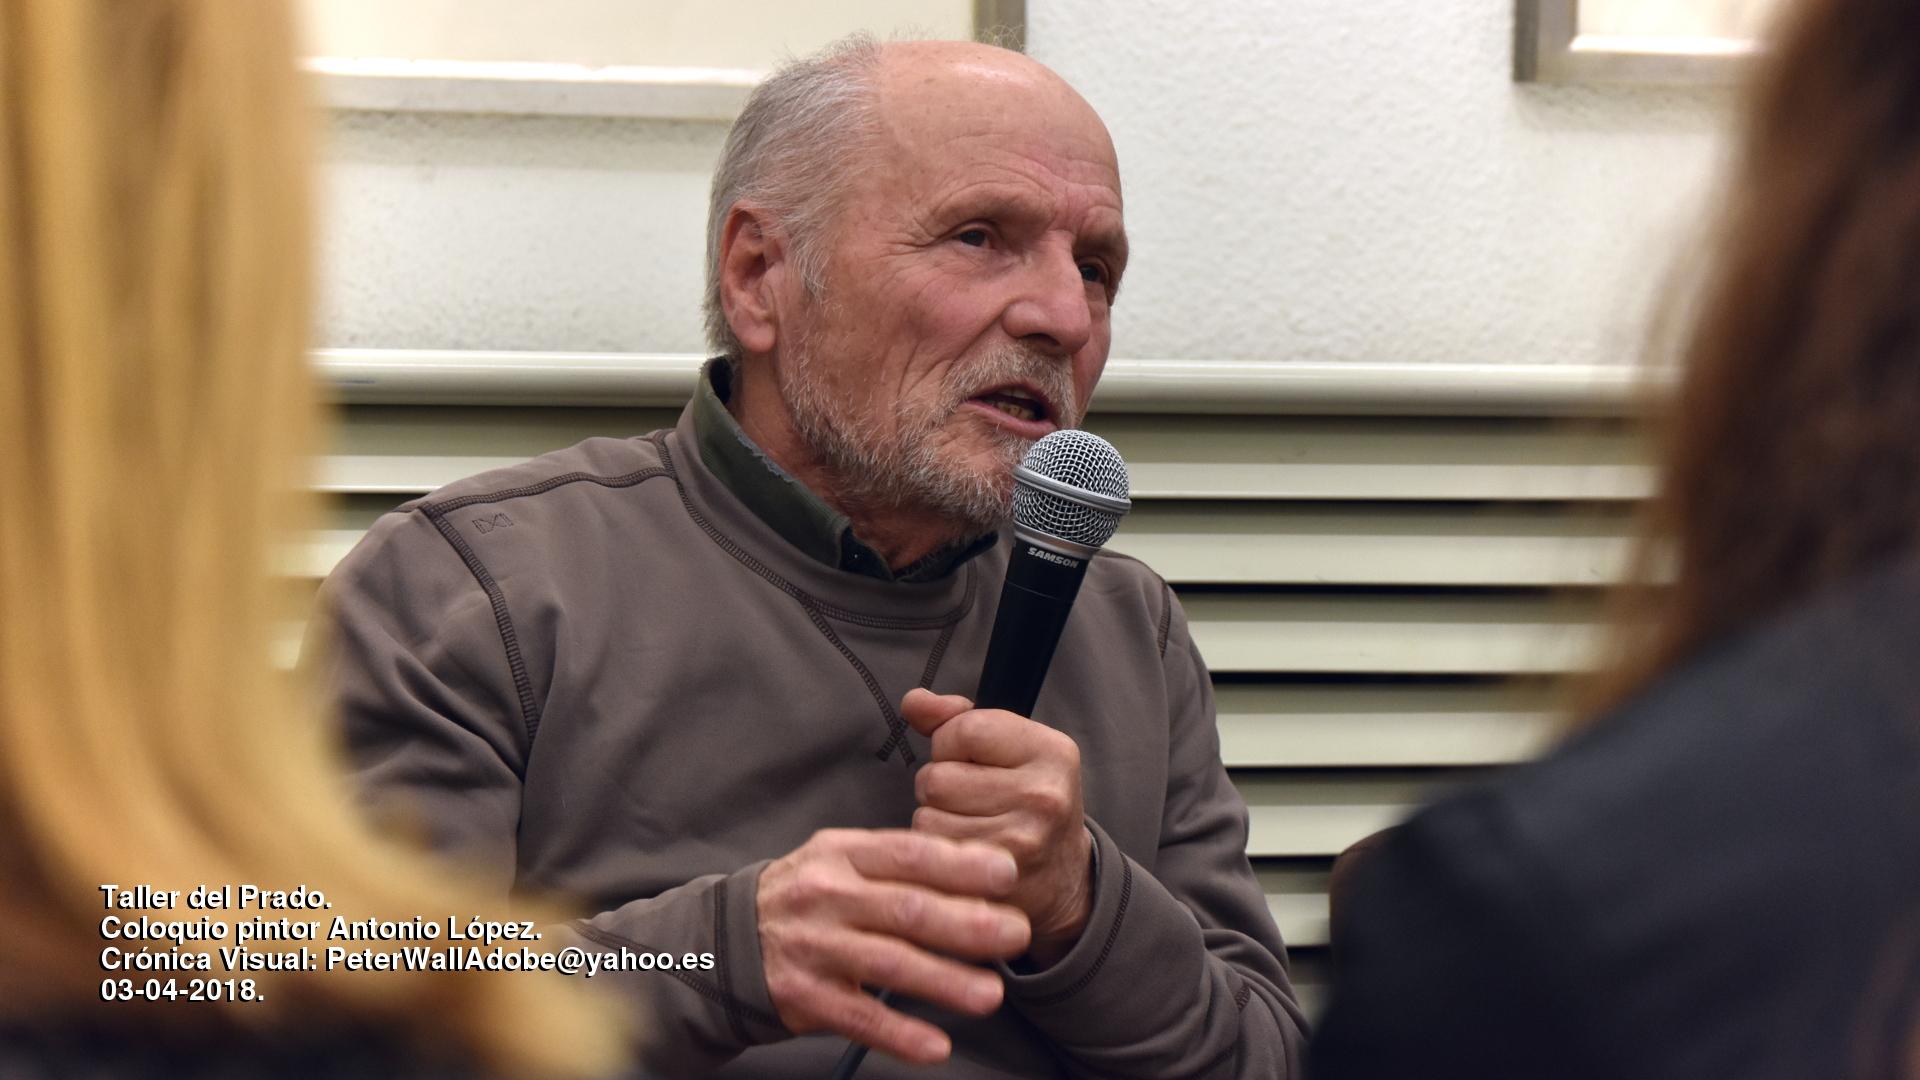 Antonio López, comunicativo y provocador en el Taller del Prado